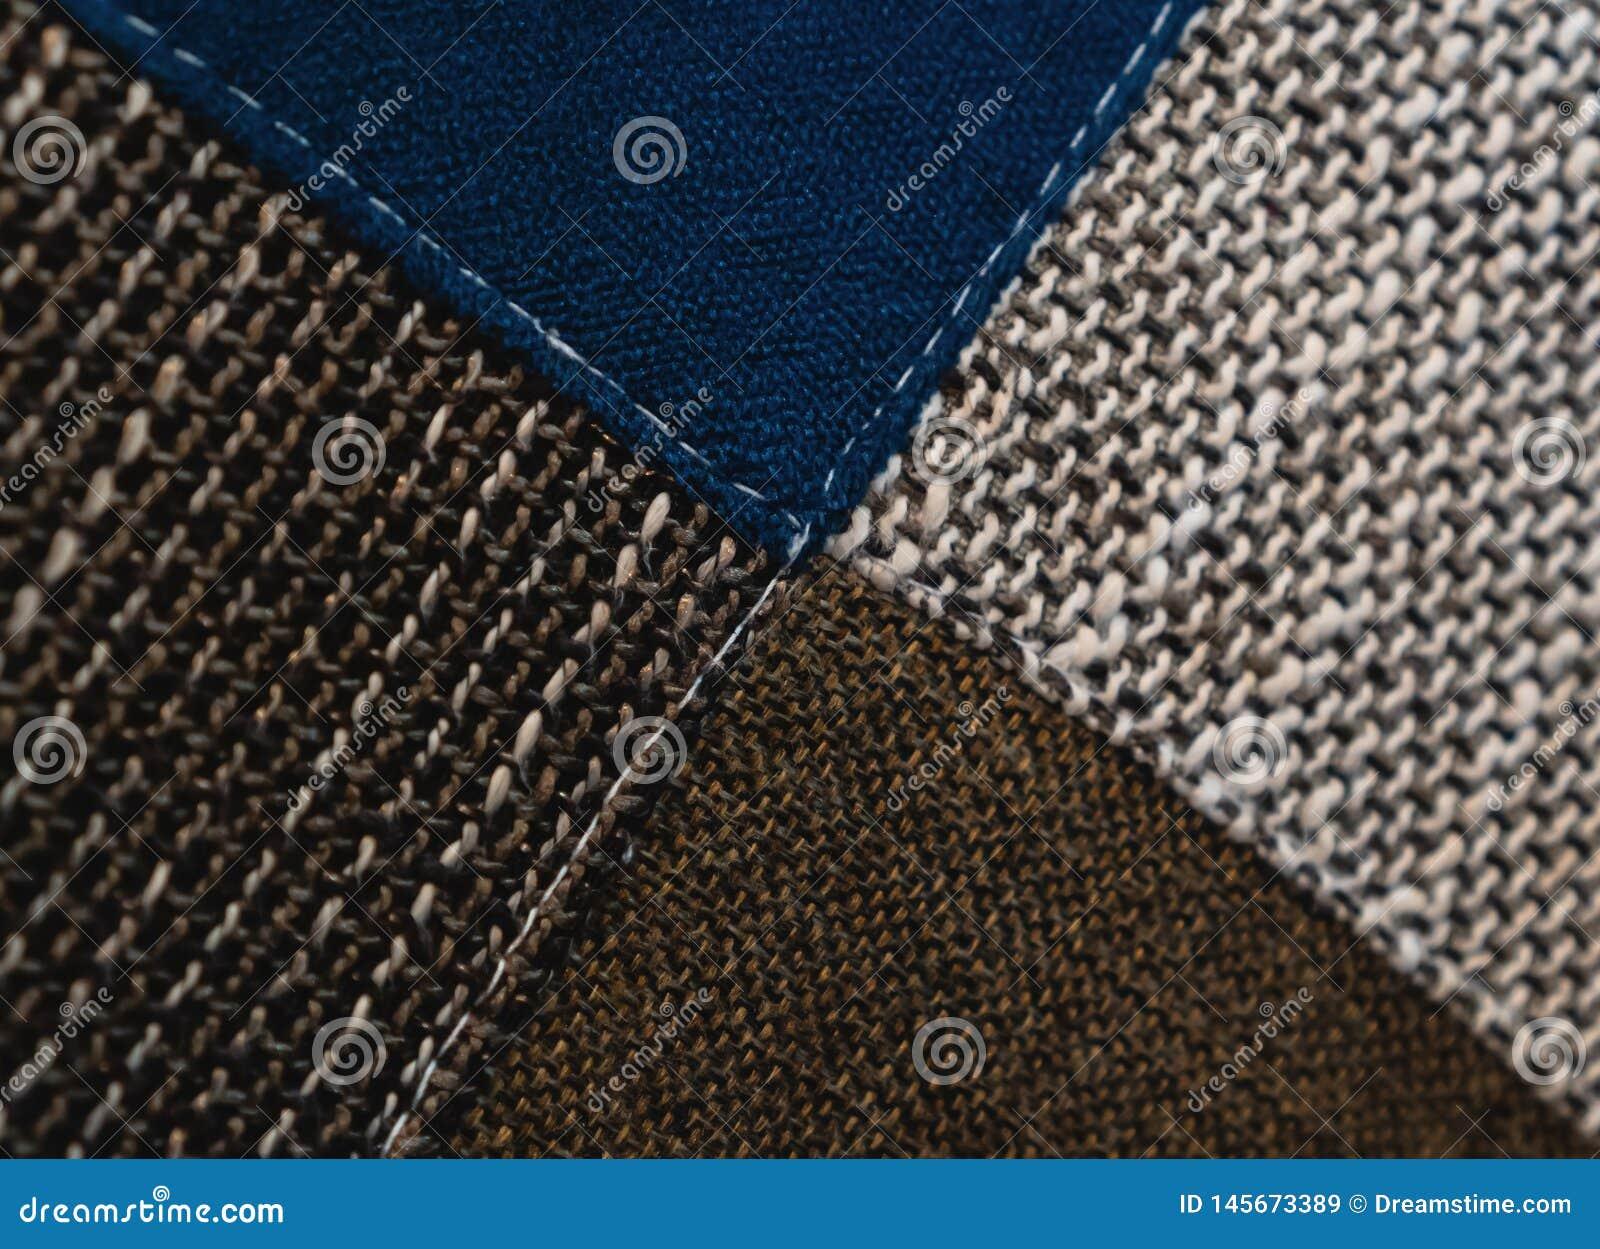 五颜六色的织品样式可以为背景使用